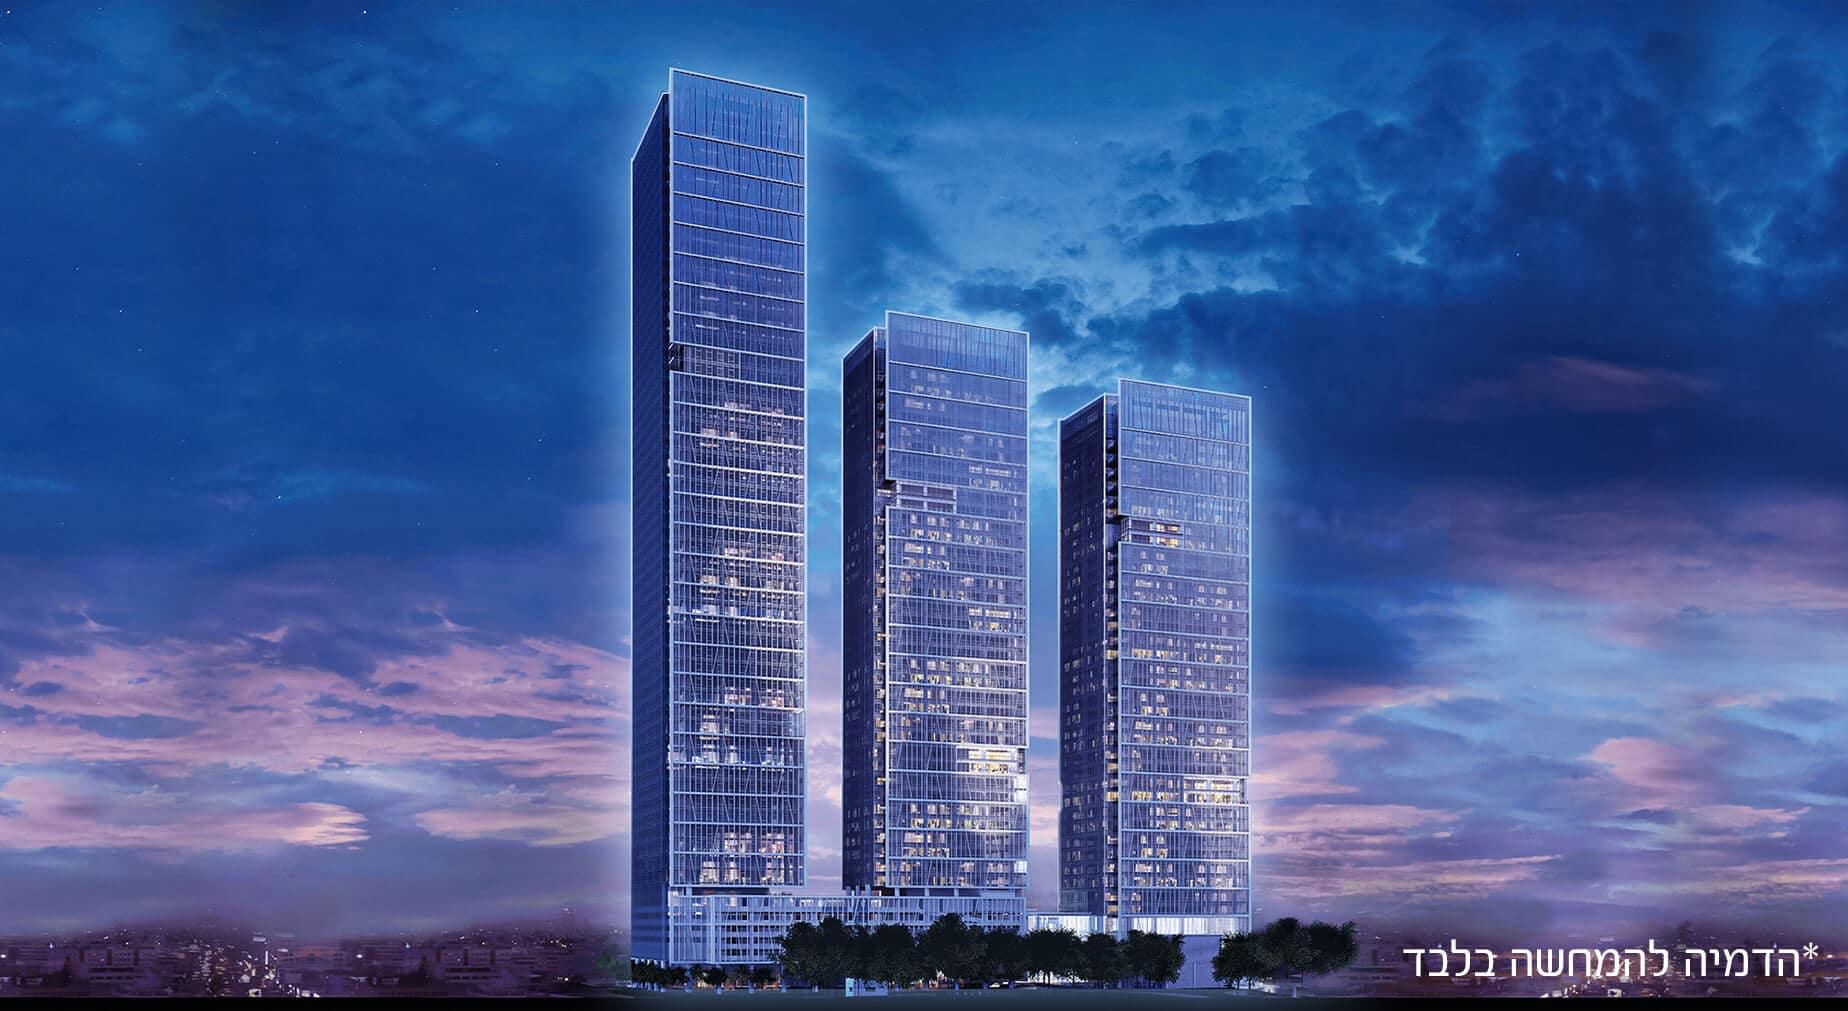 מגדלי LYFE (לייף) – קומפלקס של משרדים יוקרתיים המורכב מ-3 מגדלים מודרניים: 34, 36 ו-51 קומות.